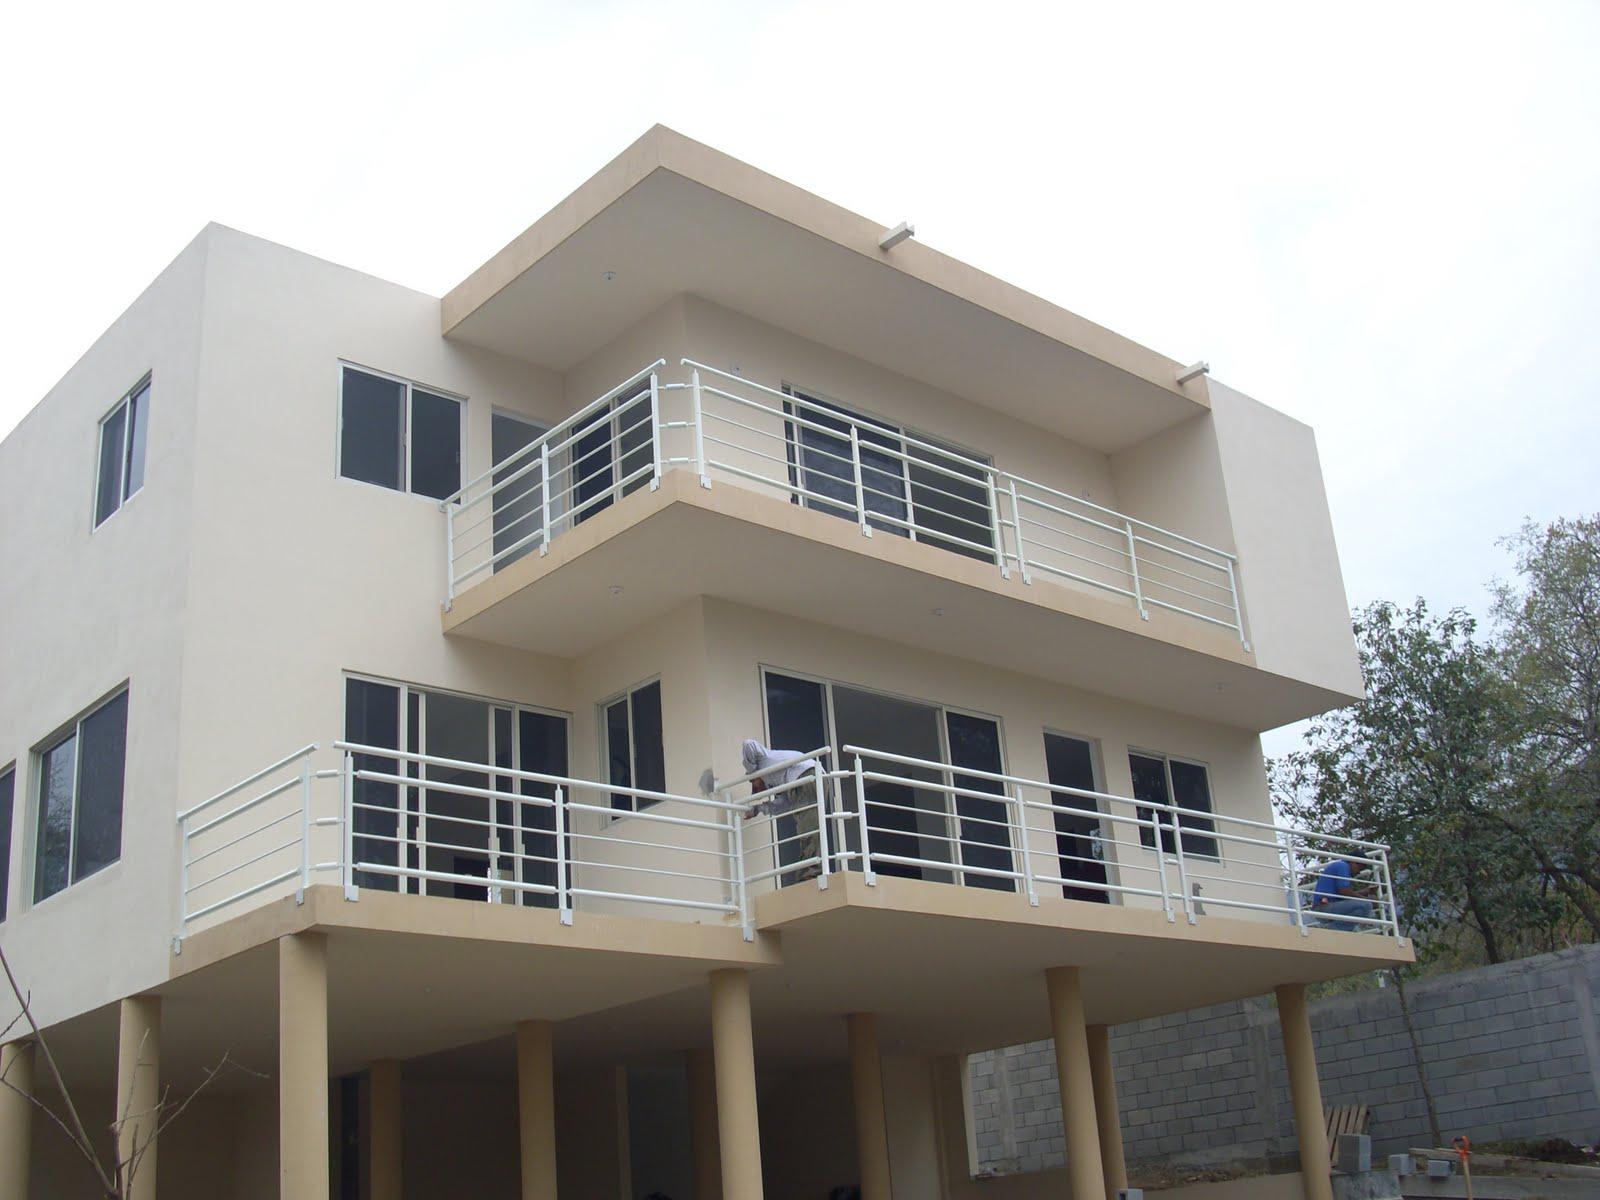 Barandal para balcón, estilo contemporáneo, Modelo RPPB-012